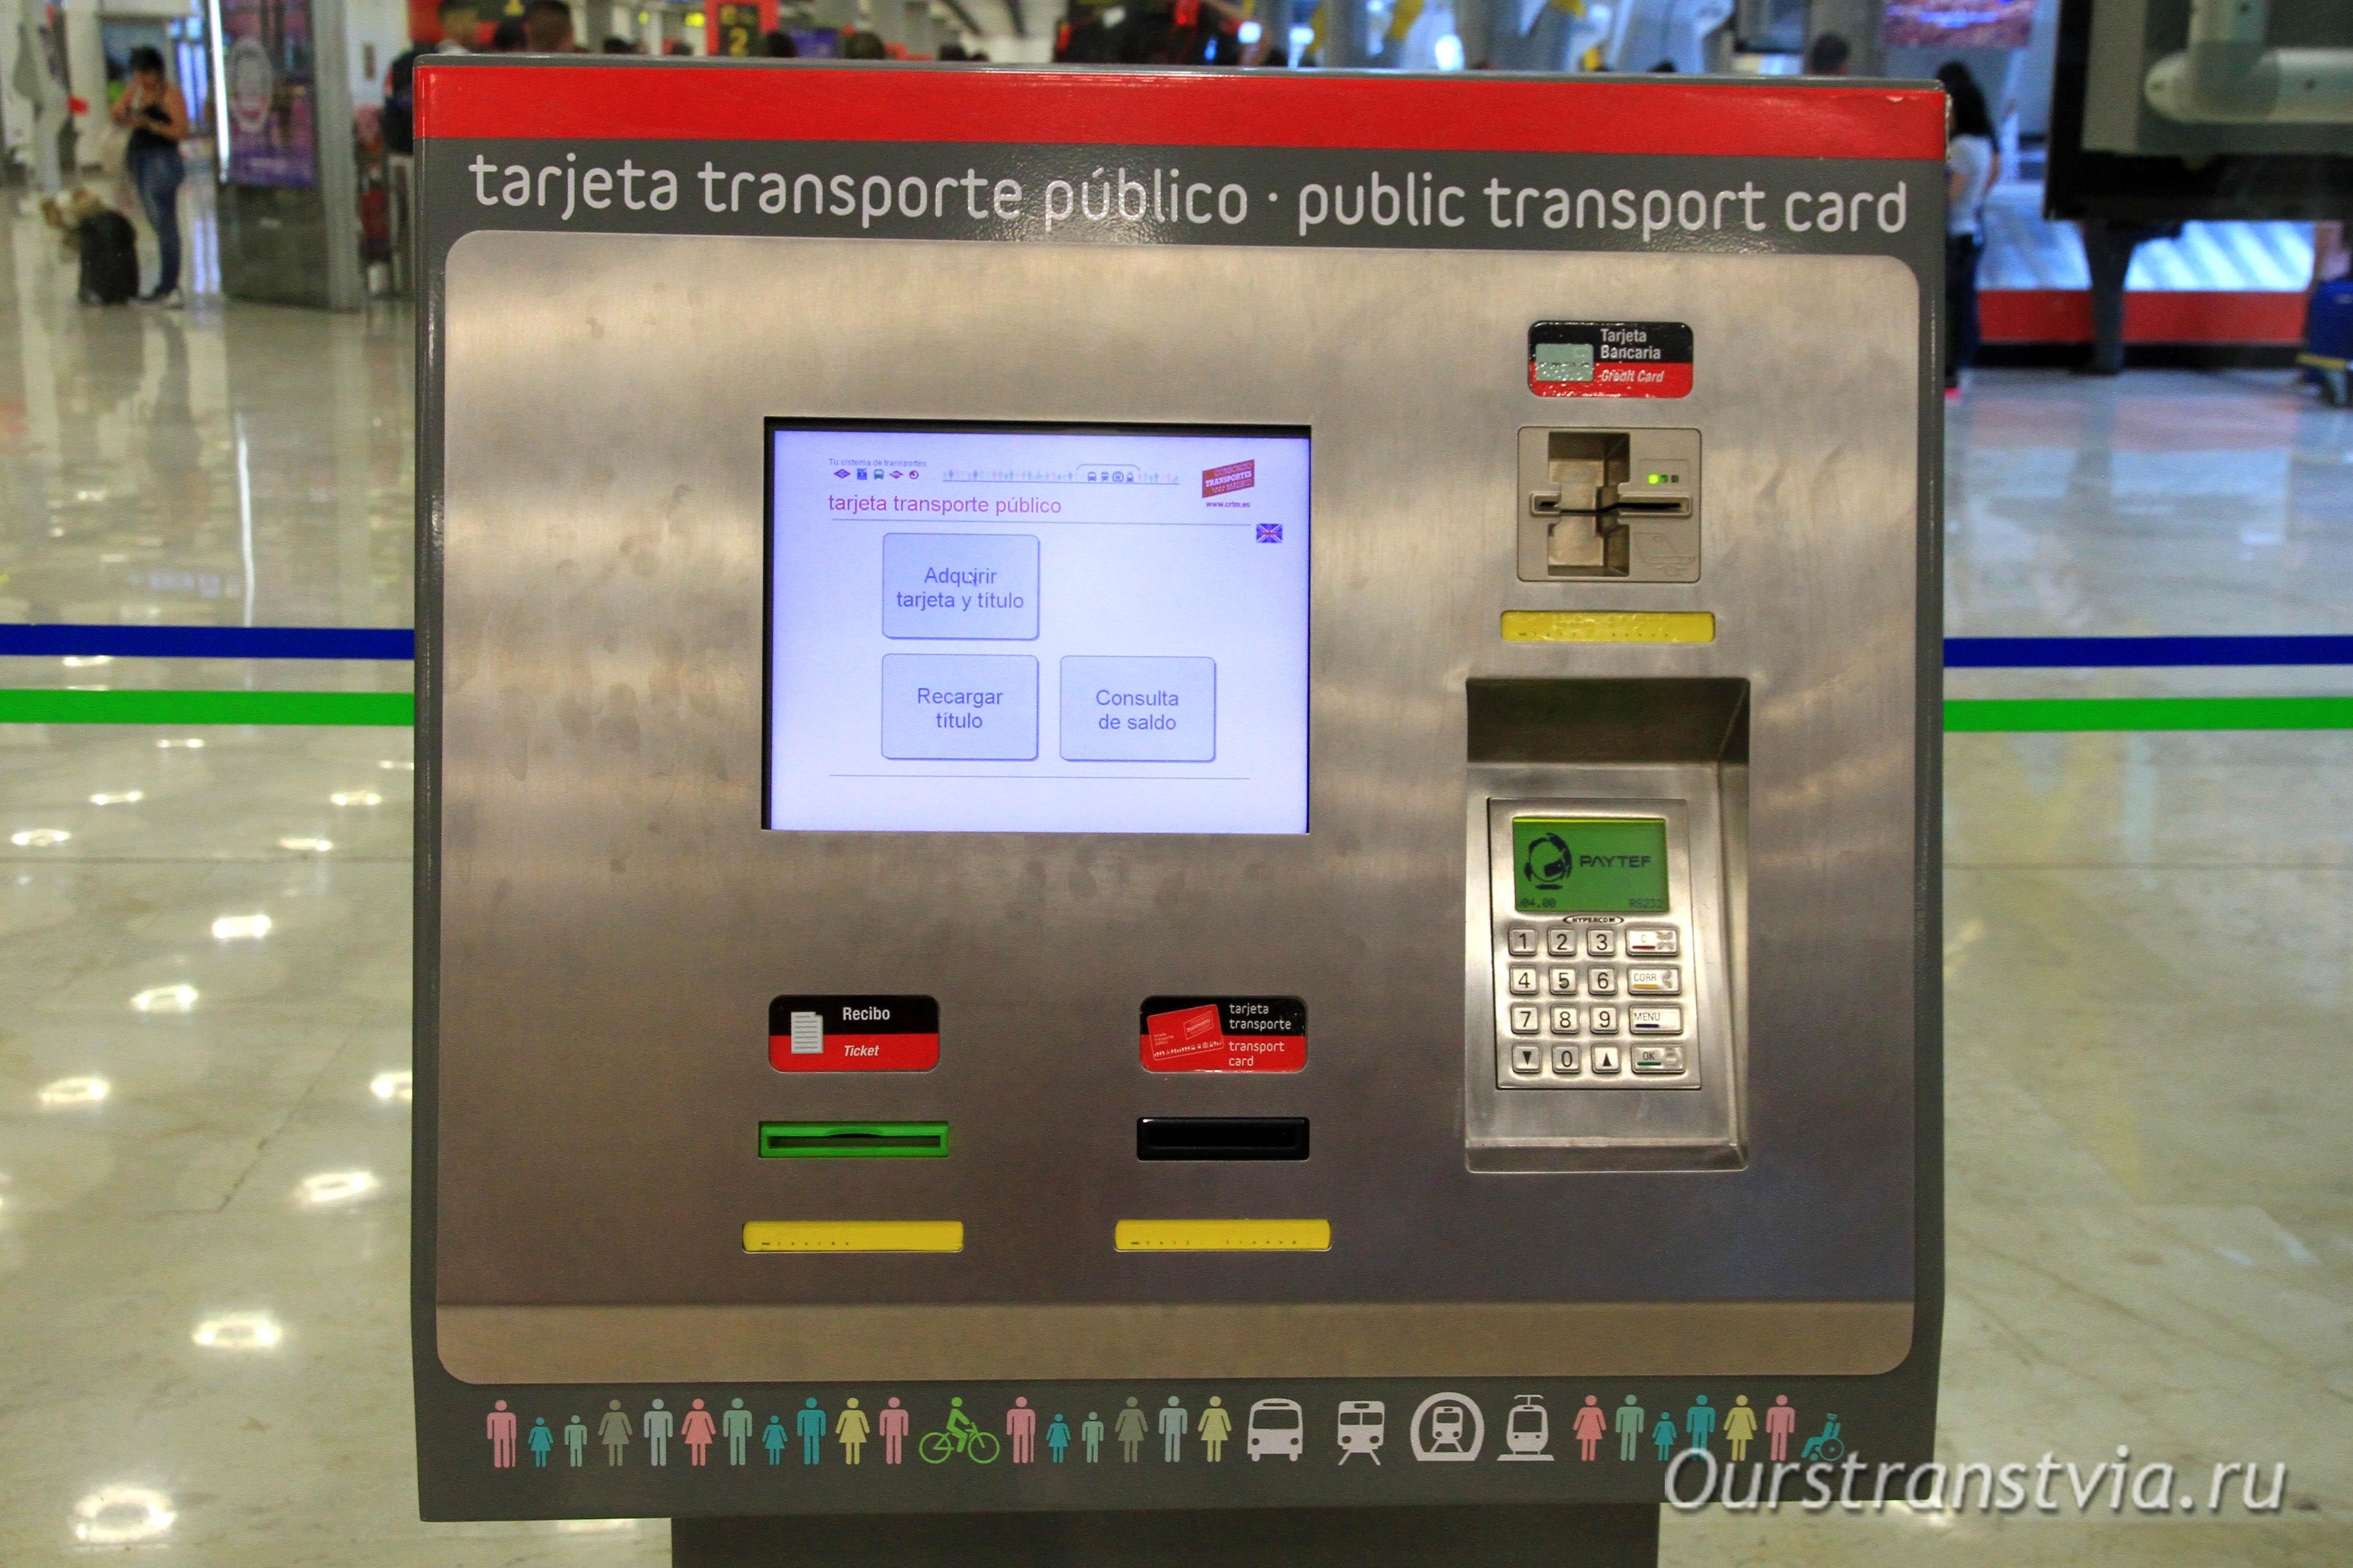 Автомат по продаже билетов на автобус, Мадрид